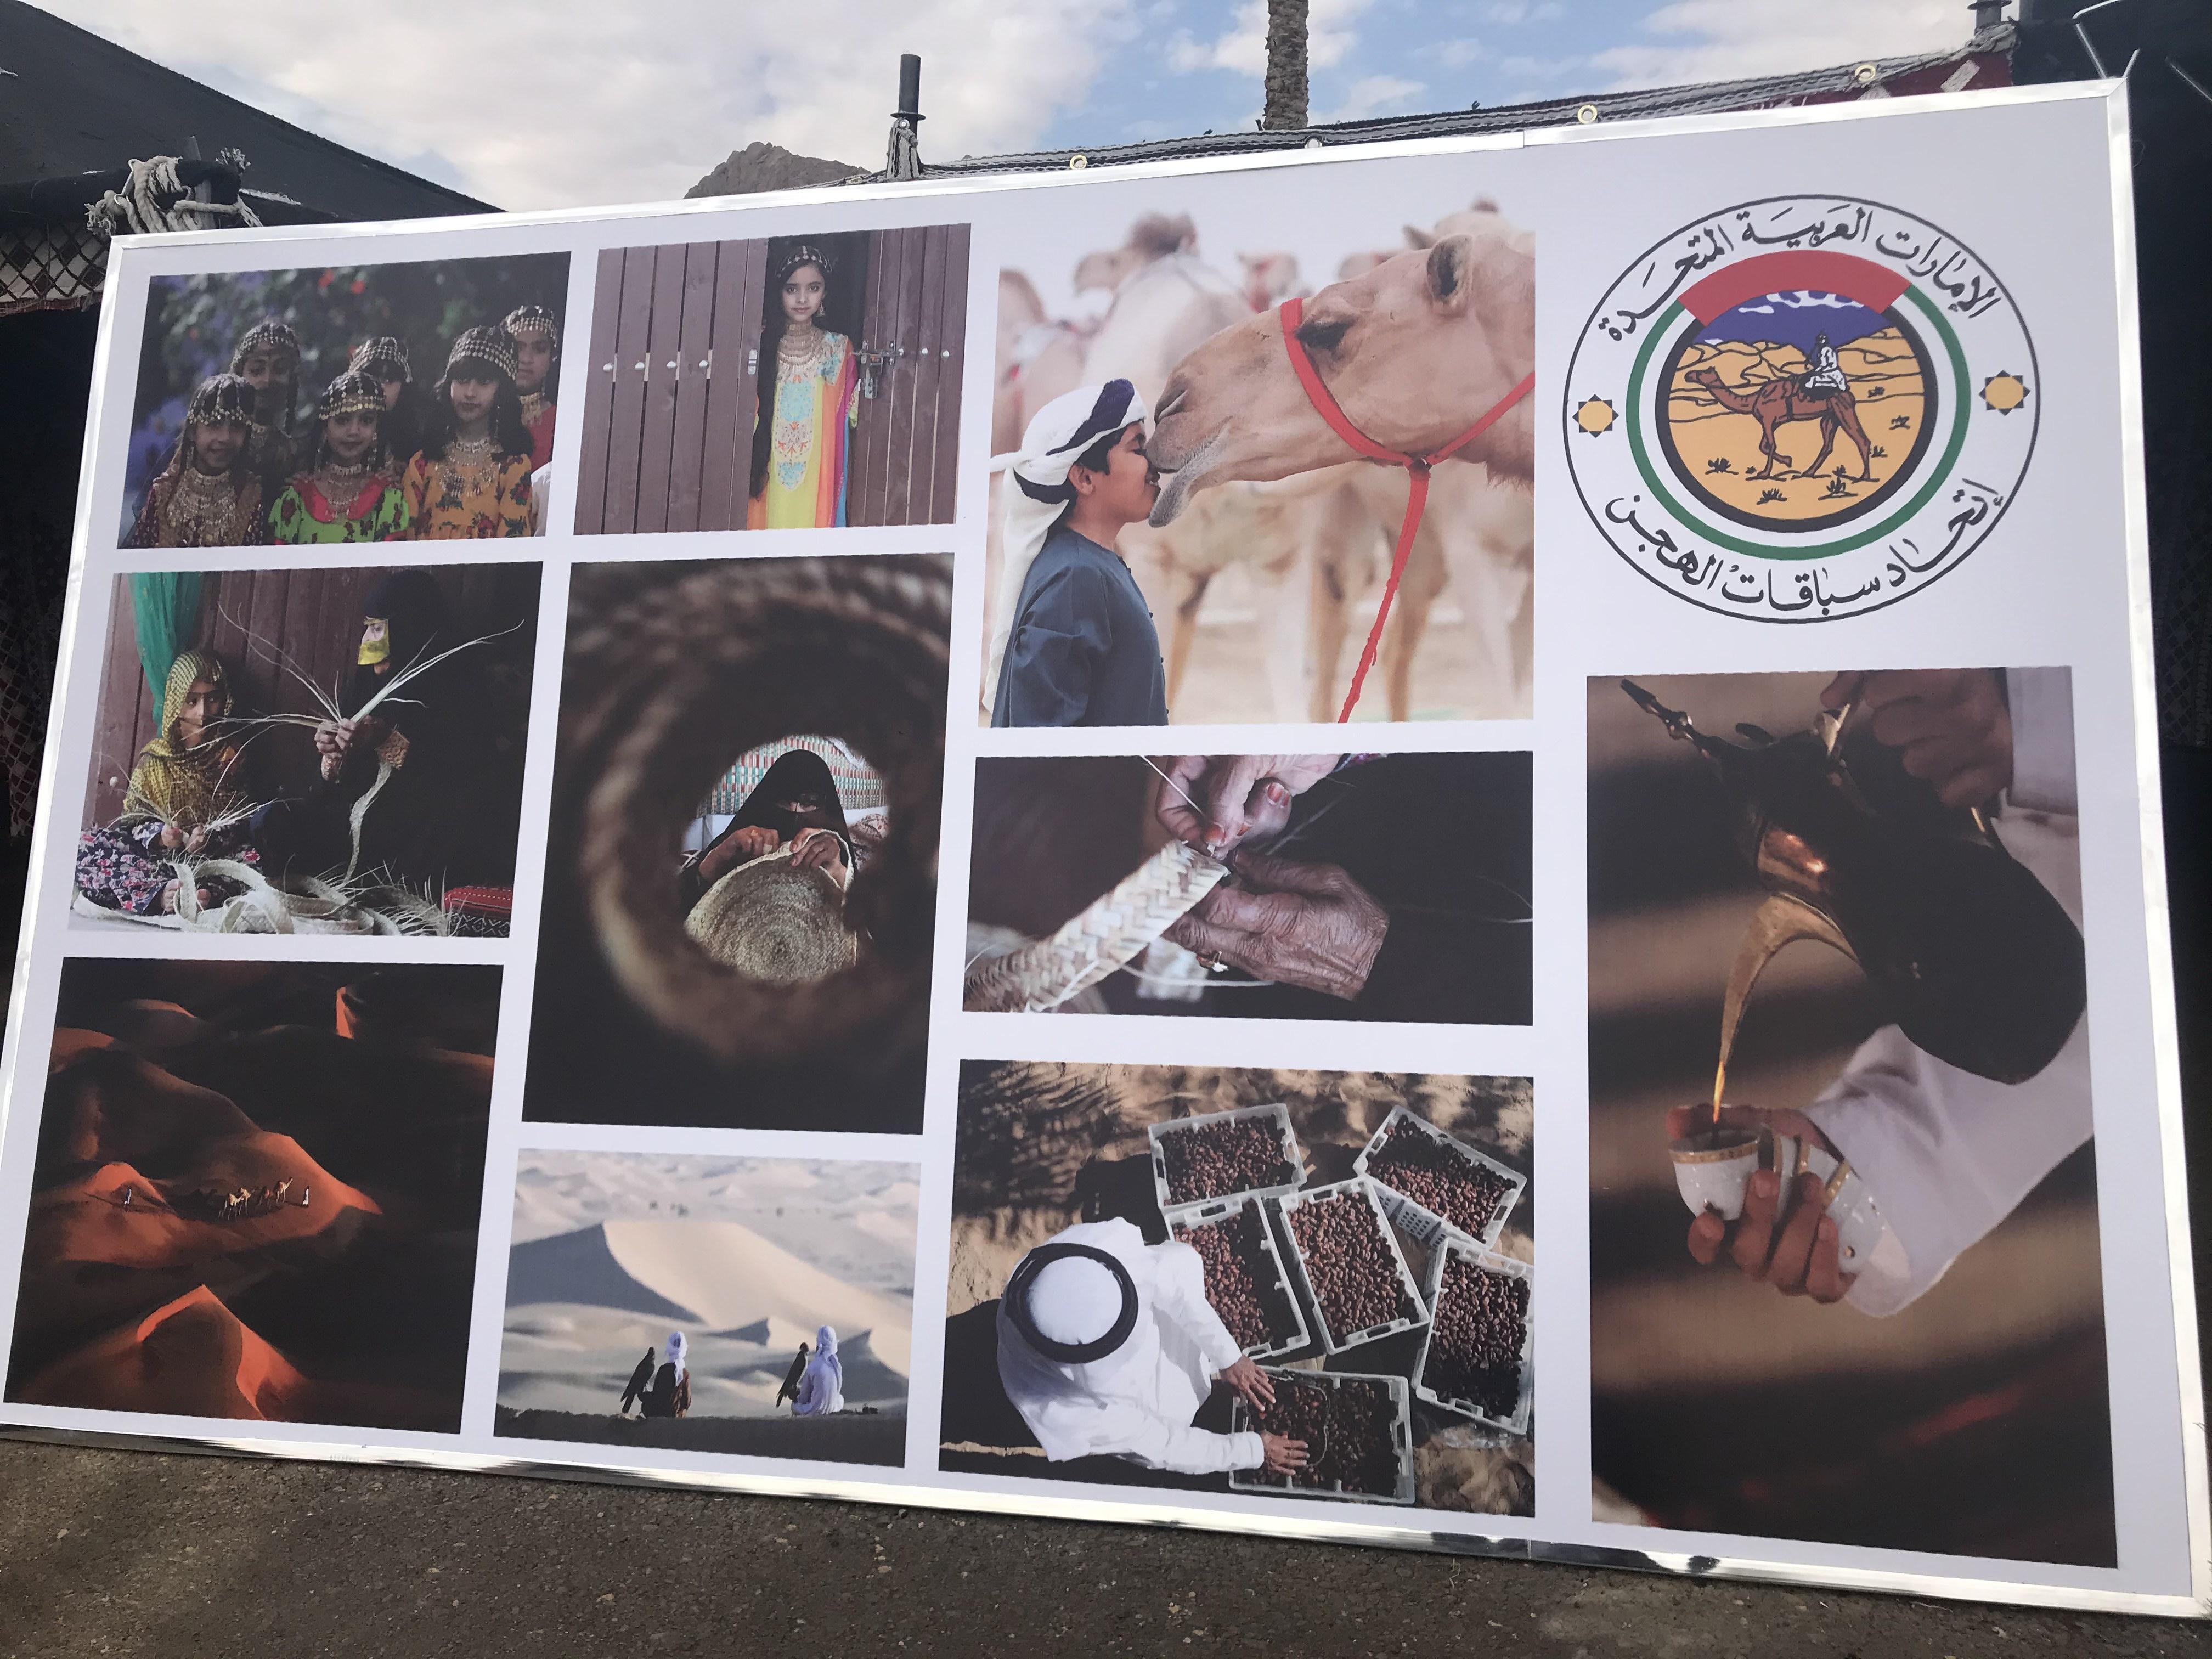 قرية لعرض تراث الإمارات على هامش مهرجان شرم الشيخ للهجن (1)